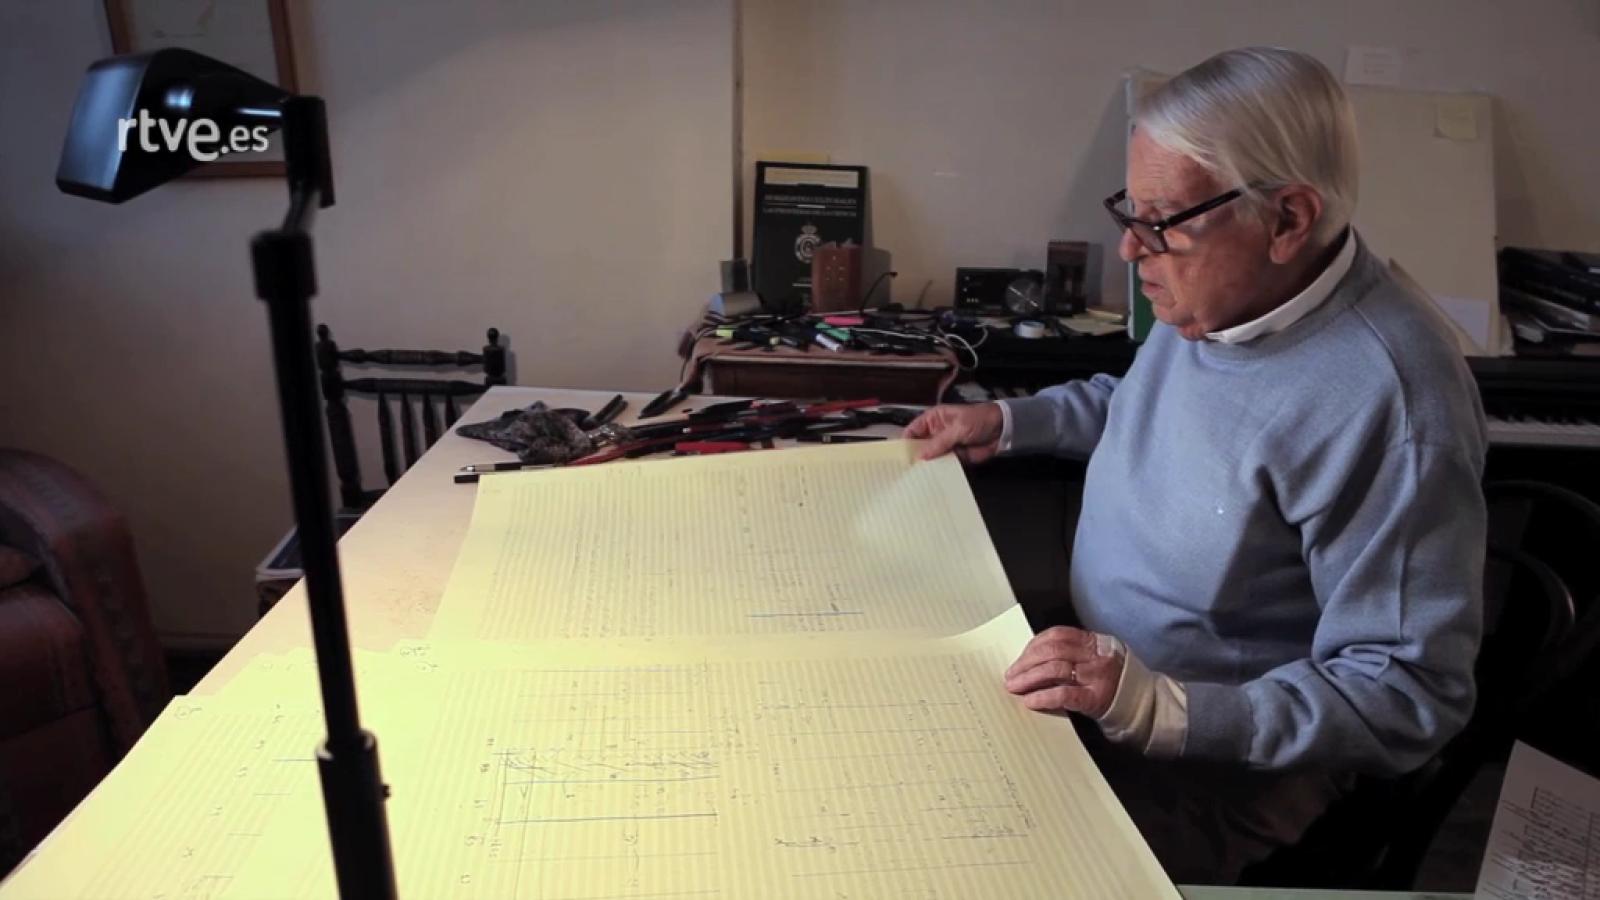 Cristóbal Halffter, libertad imaginada - Escenas estre la creatividad y el trabajo